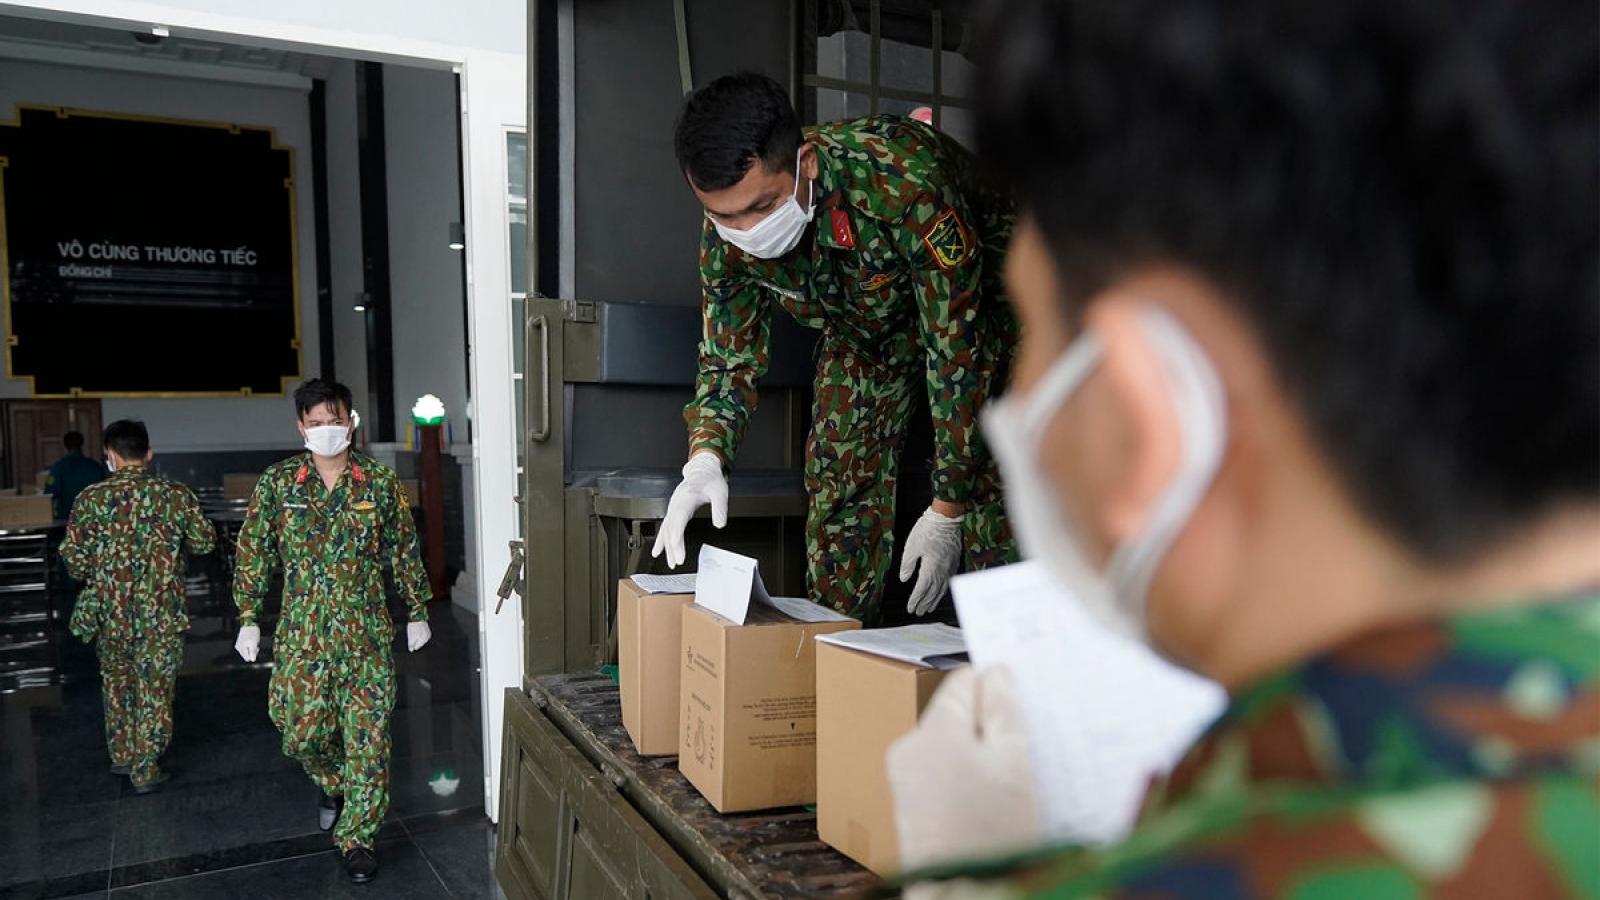 Xúc động hình ảnh quân đội tiếp nhận, bàn giao tro cốt cho gia đình nạn nhân COVID-19